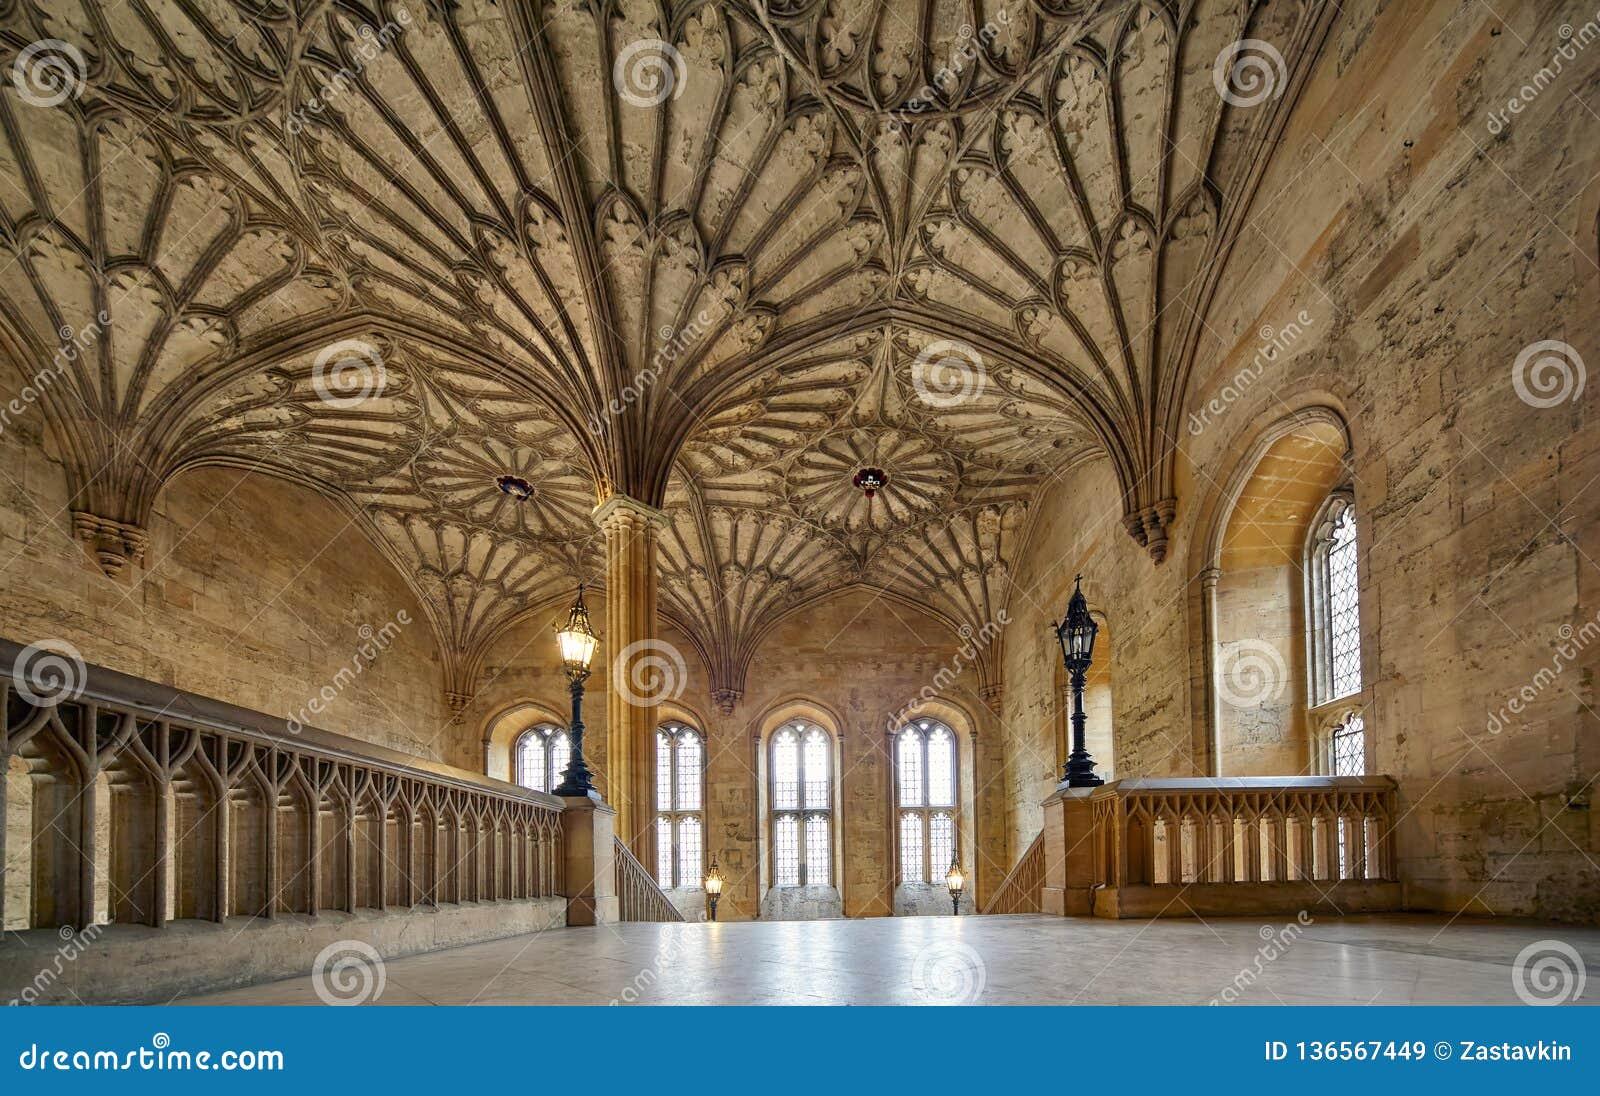 El interior de la torre de Bodley Iglesia de Cristo Universidad de Oxford inglaterra